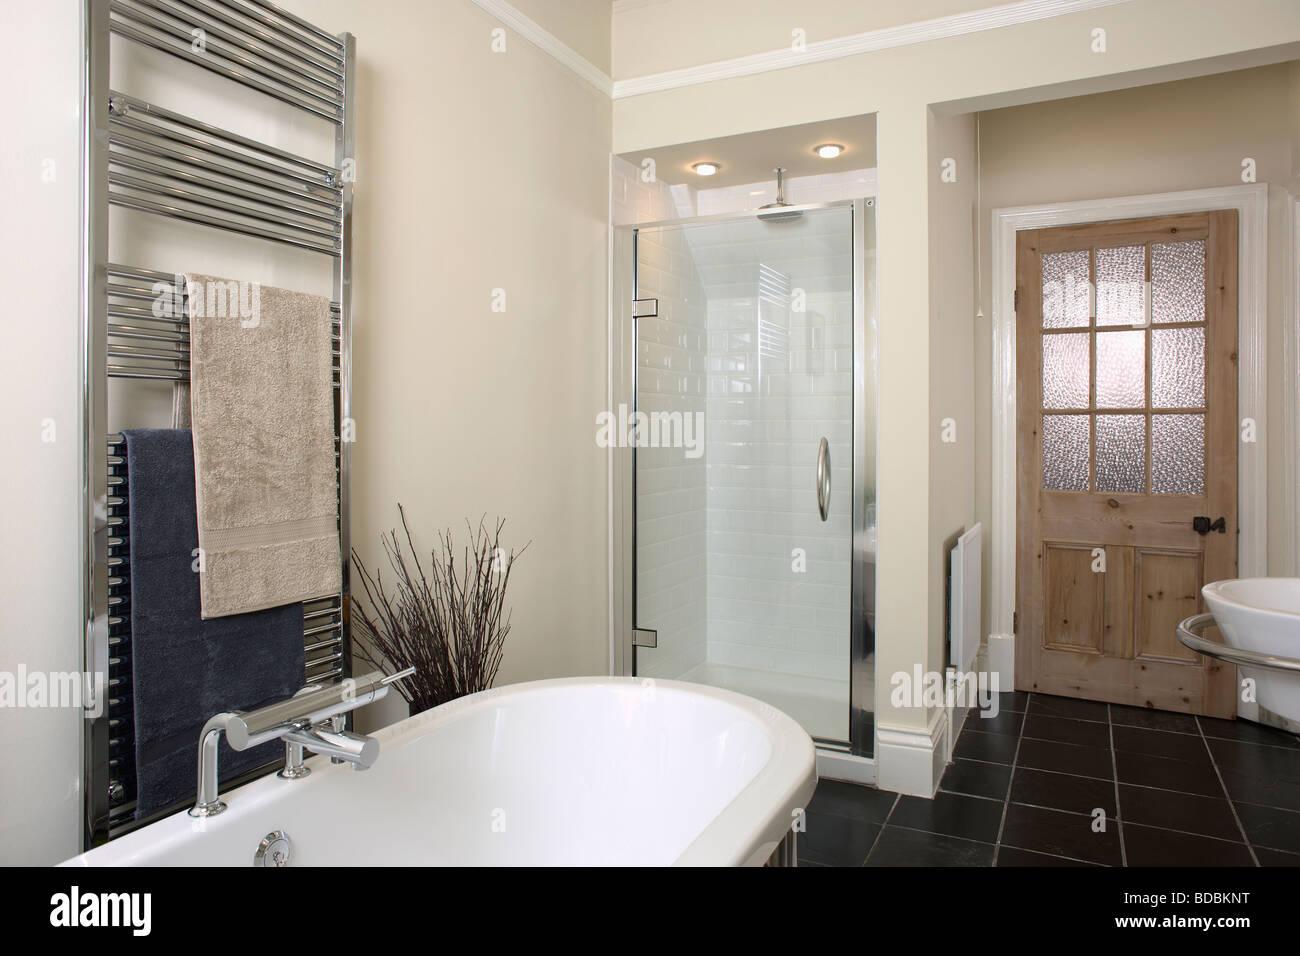 Edelstahl beheizte Handtuchhalter über Bad in Beige Badezimmer mit ...